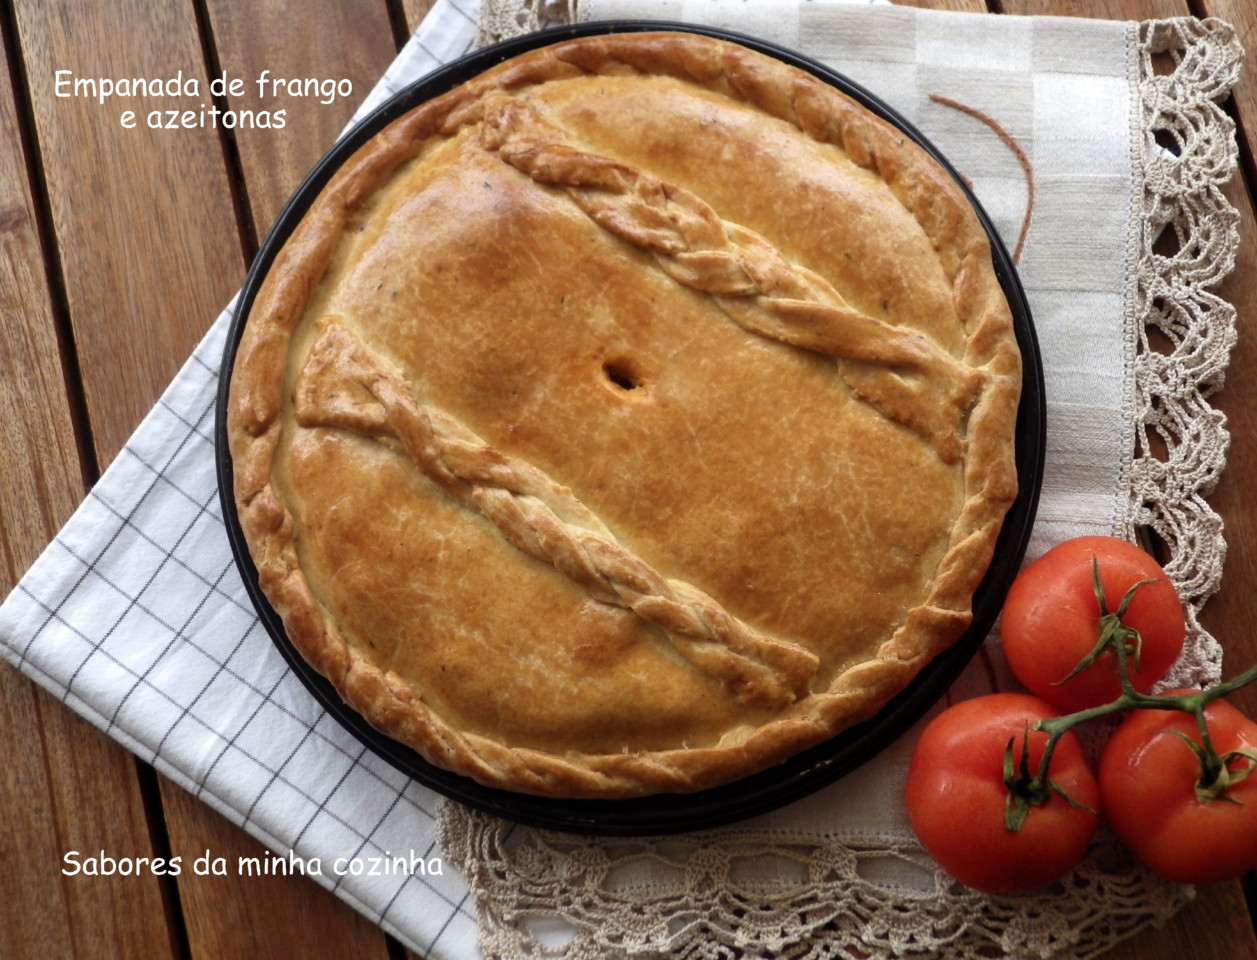 IMGP8411-Empanada de frango e azeitonas-Blog.JPG